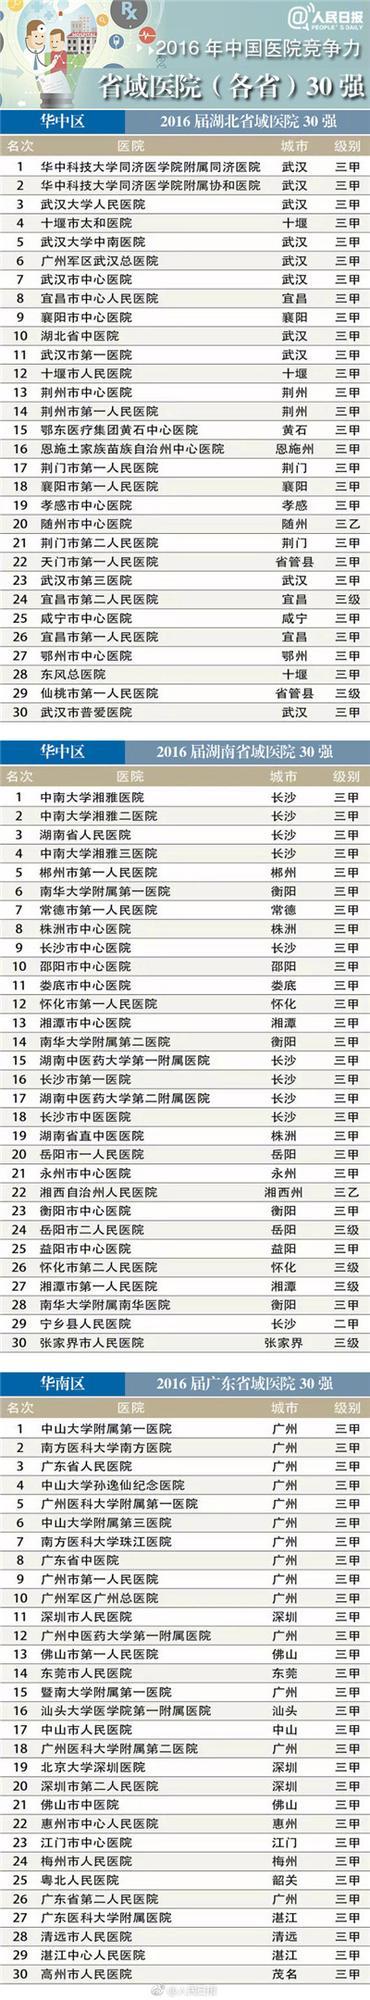 最新医院排名公布!河南30强、全国100强都有哪些